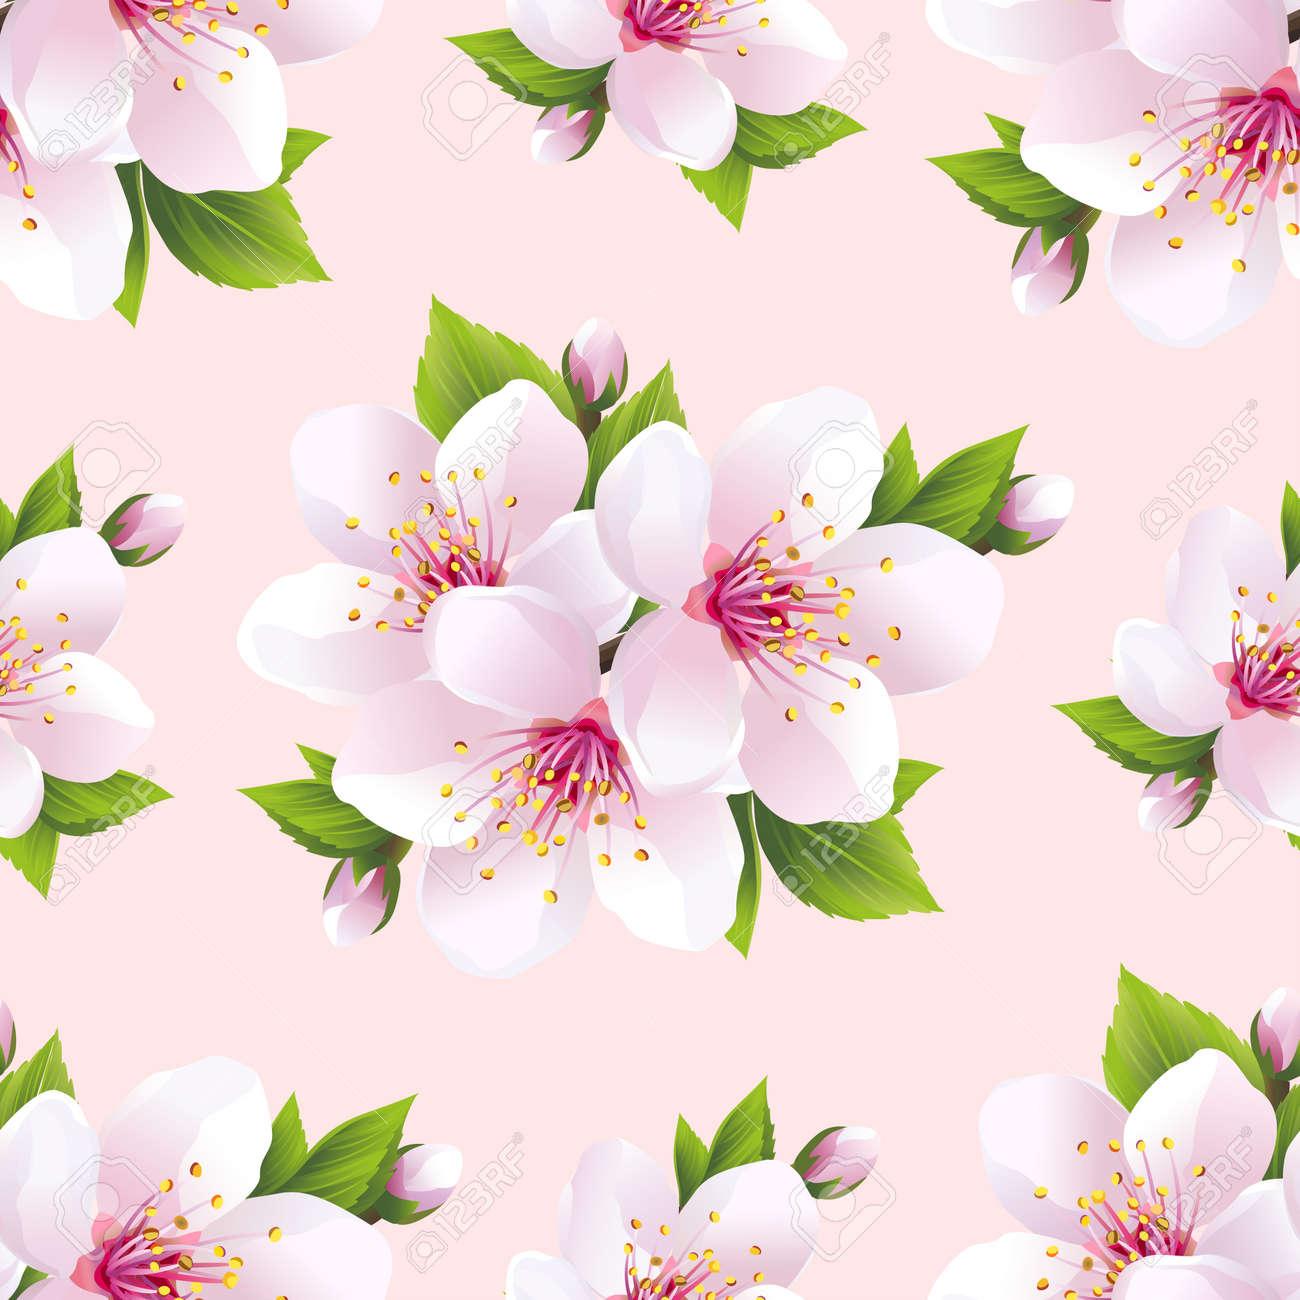 belle lumiere de fond seamless blanc sakura fleur de cerisier japonais floral printemps rose papier peint violet vector illustration